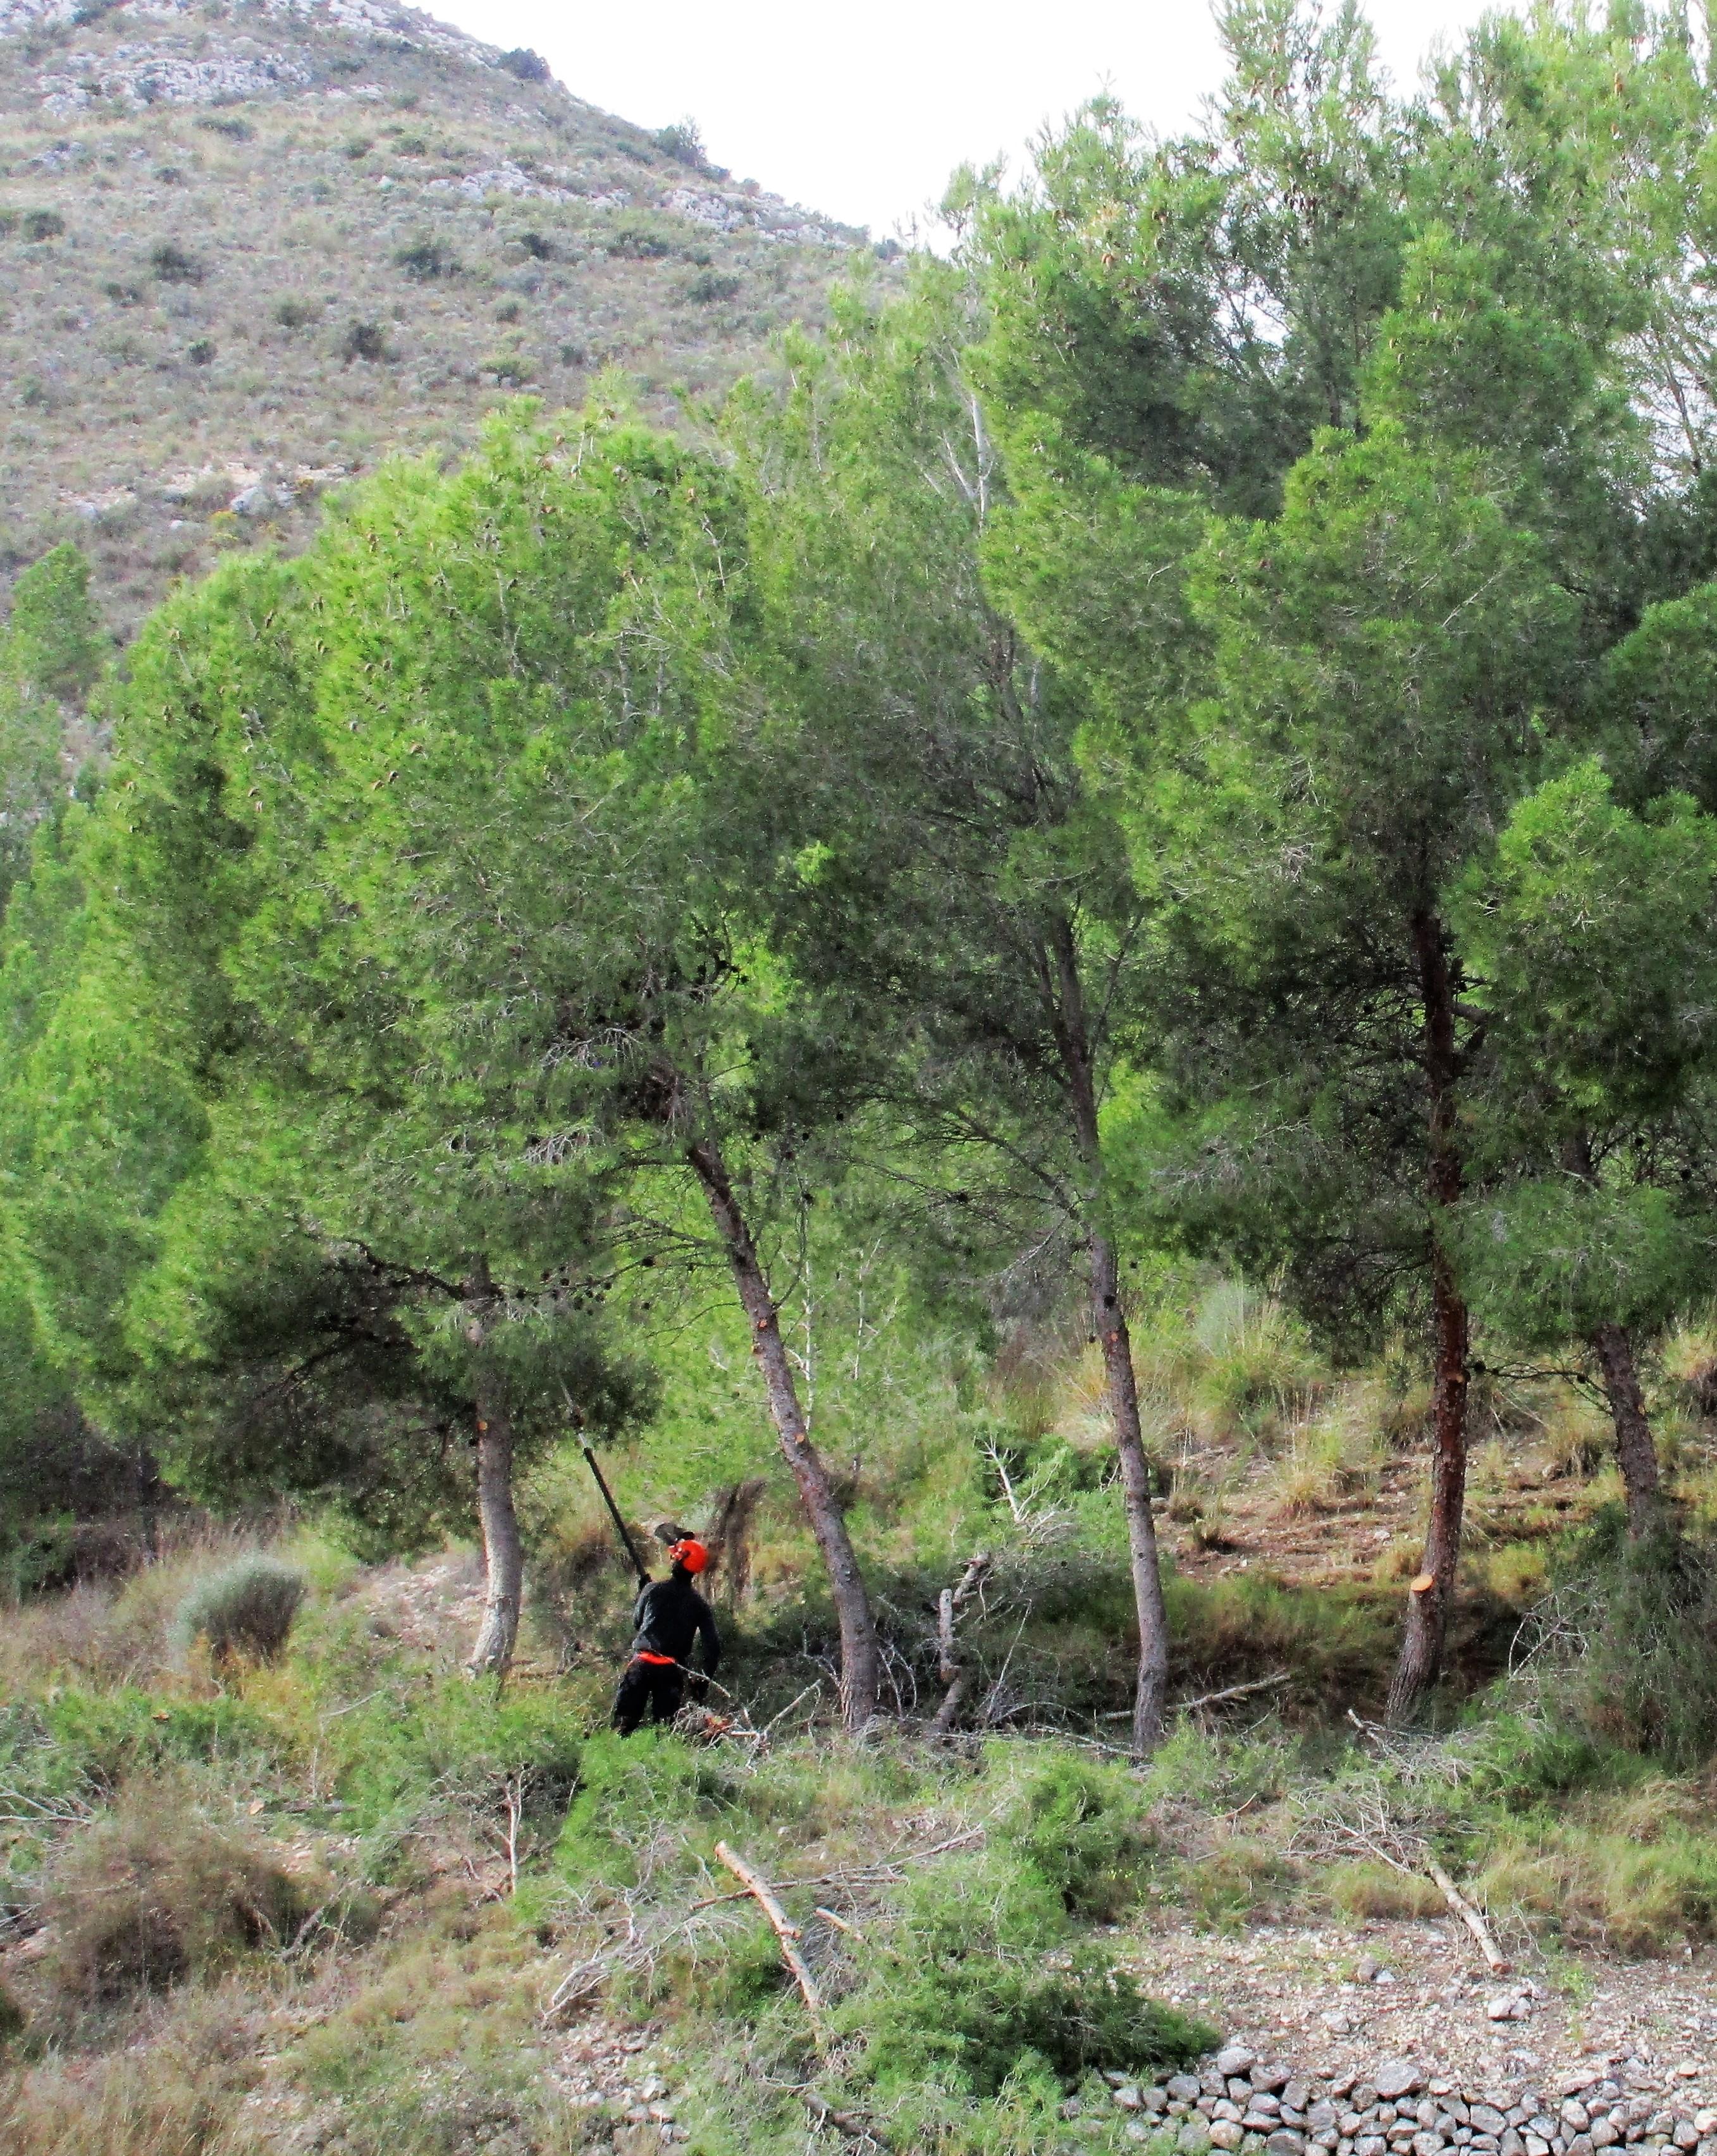 El Ayuntamiento de Elda desbroza y poda el entorno del Pantano para reducir el riesgo de incendios forestales